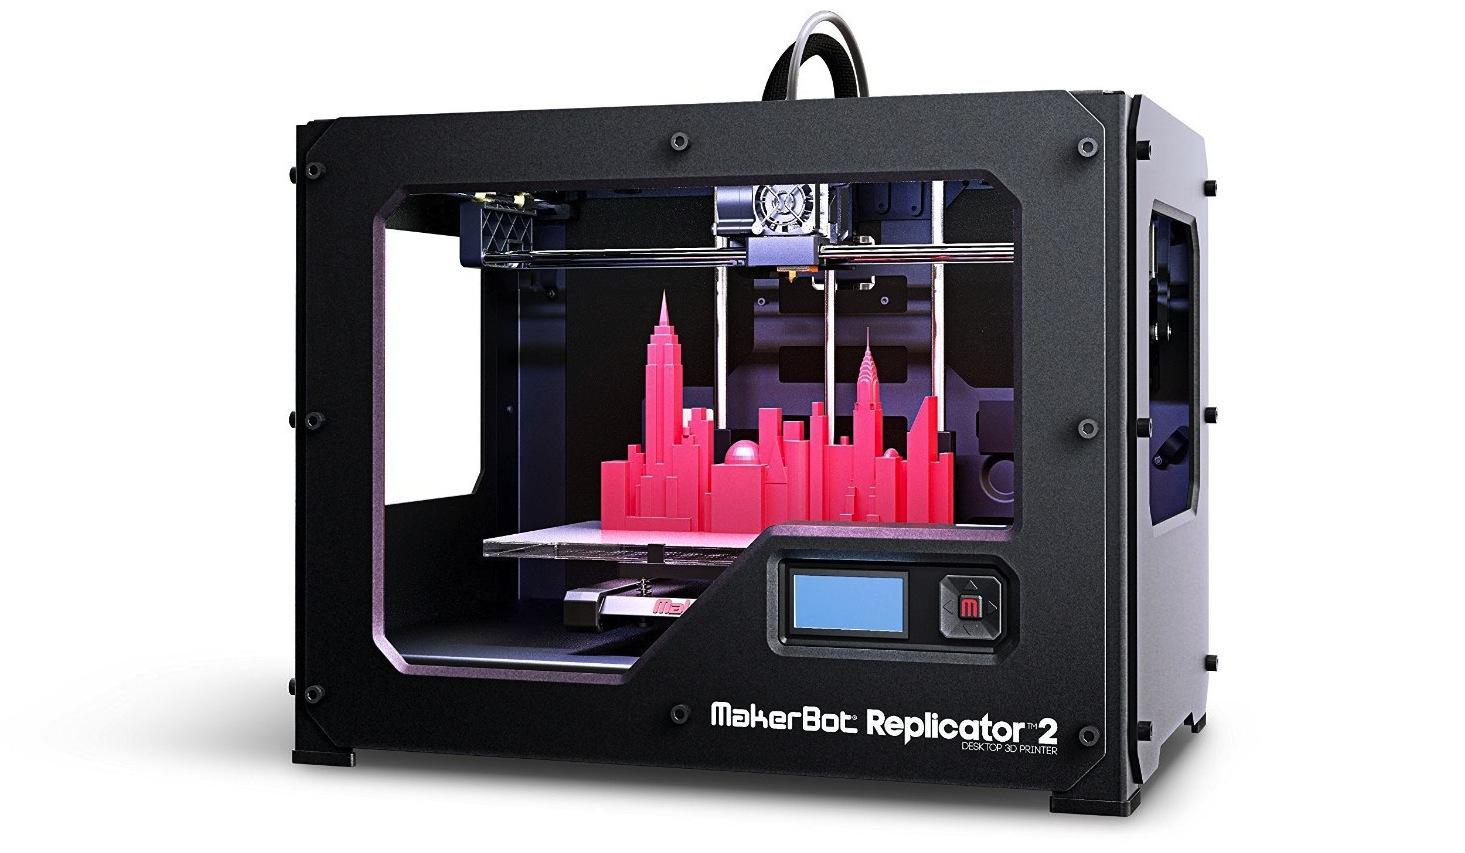 makerbot-replicator-2-desktop-3d-printer-mp04948-sale-01.jpg